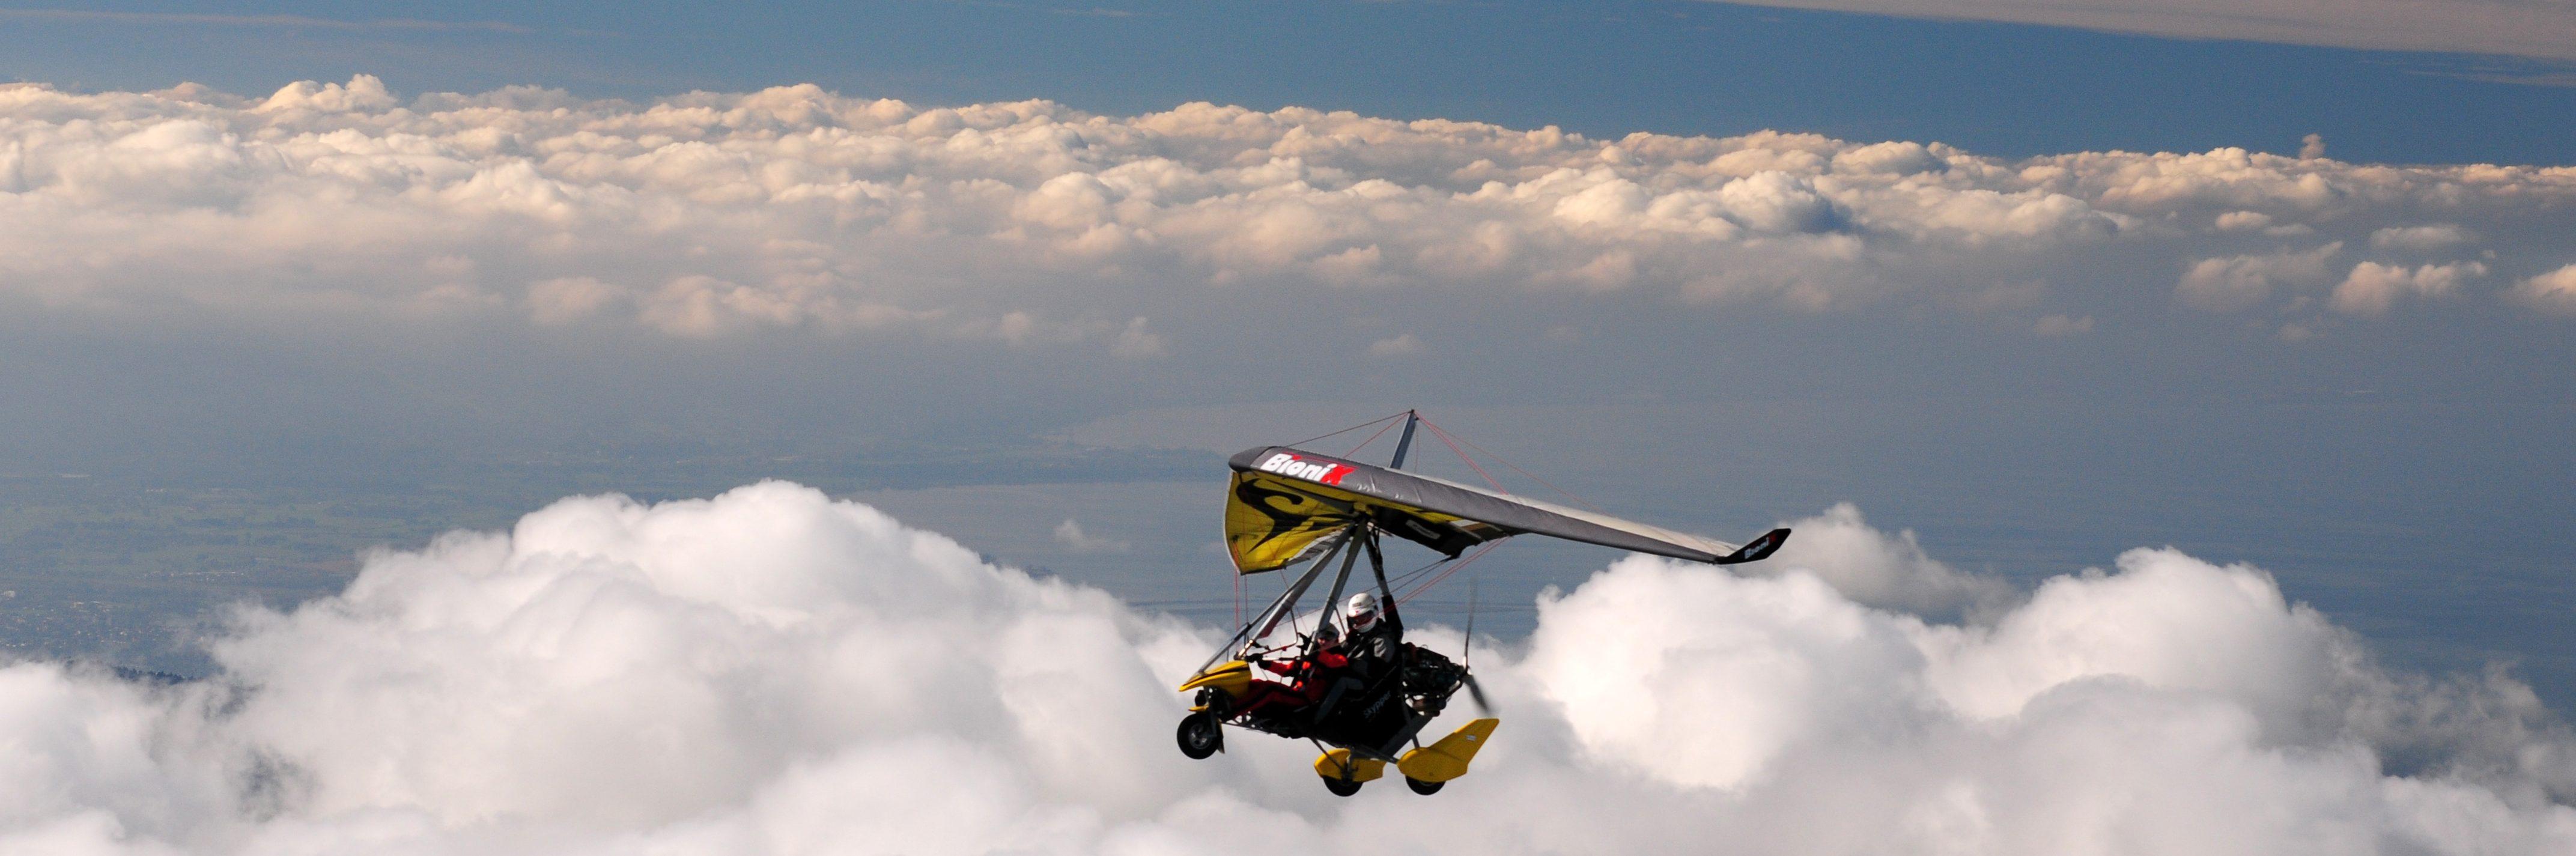 über den Wolken, ein Ultraleicht Trike